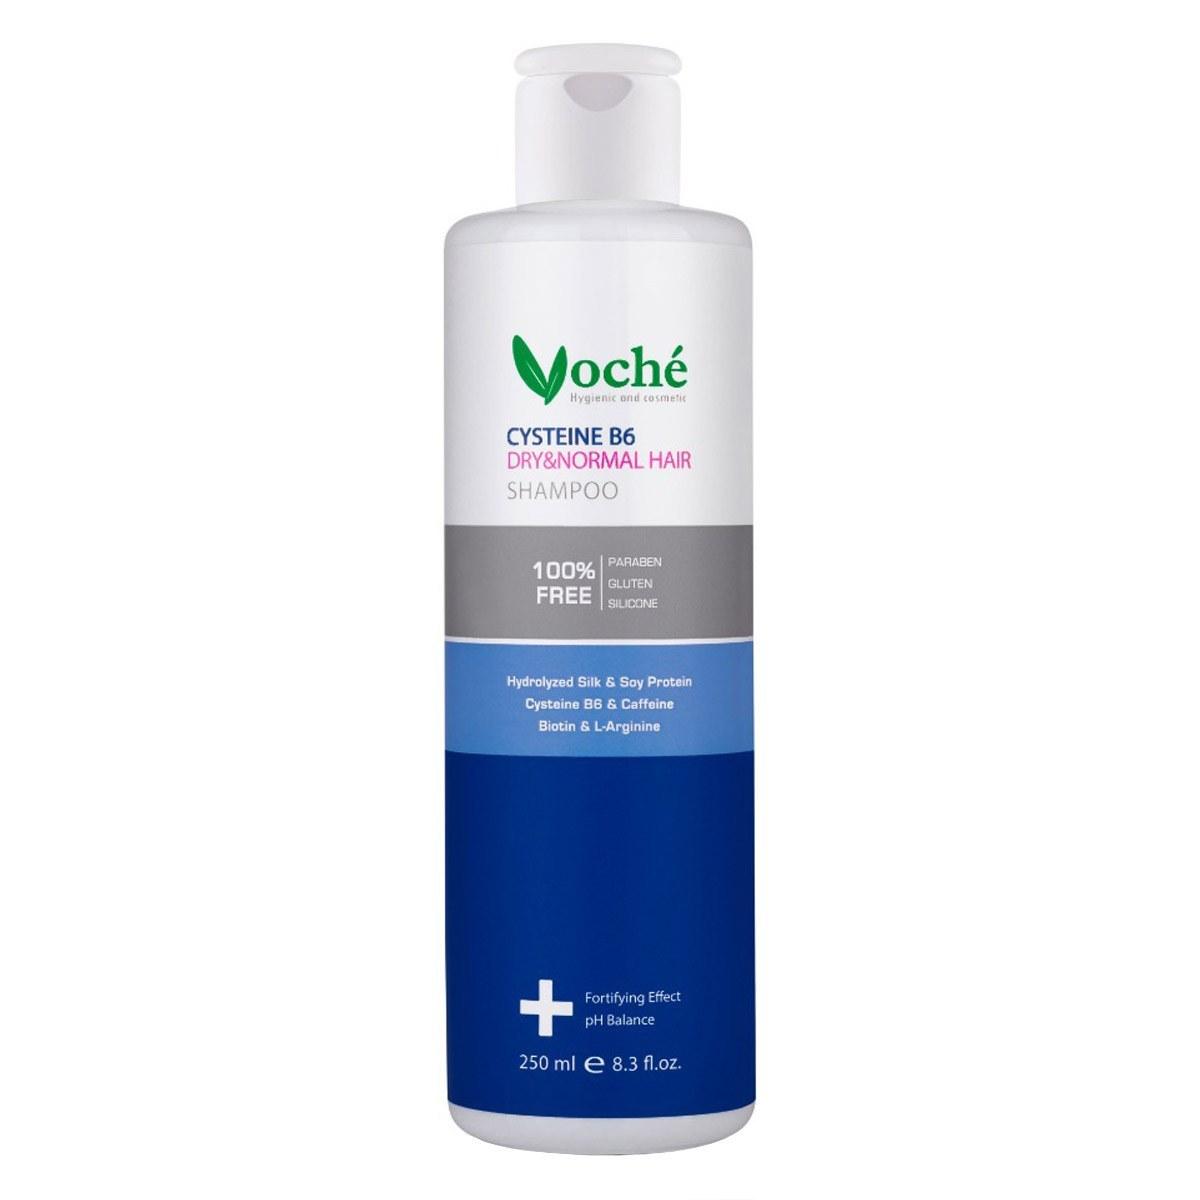 تصویر شامپو تقویت کننده مو حاوی سیستئین و ویتامین ب6 وچه Cysteine B6 Fortifying Shampoo